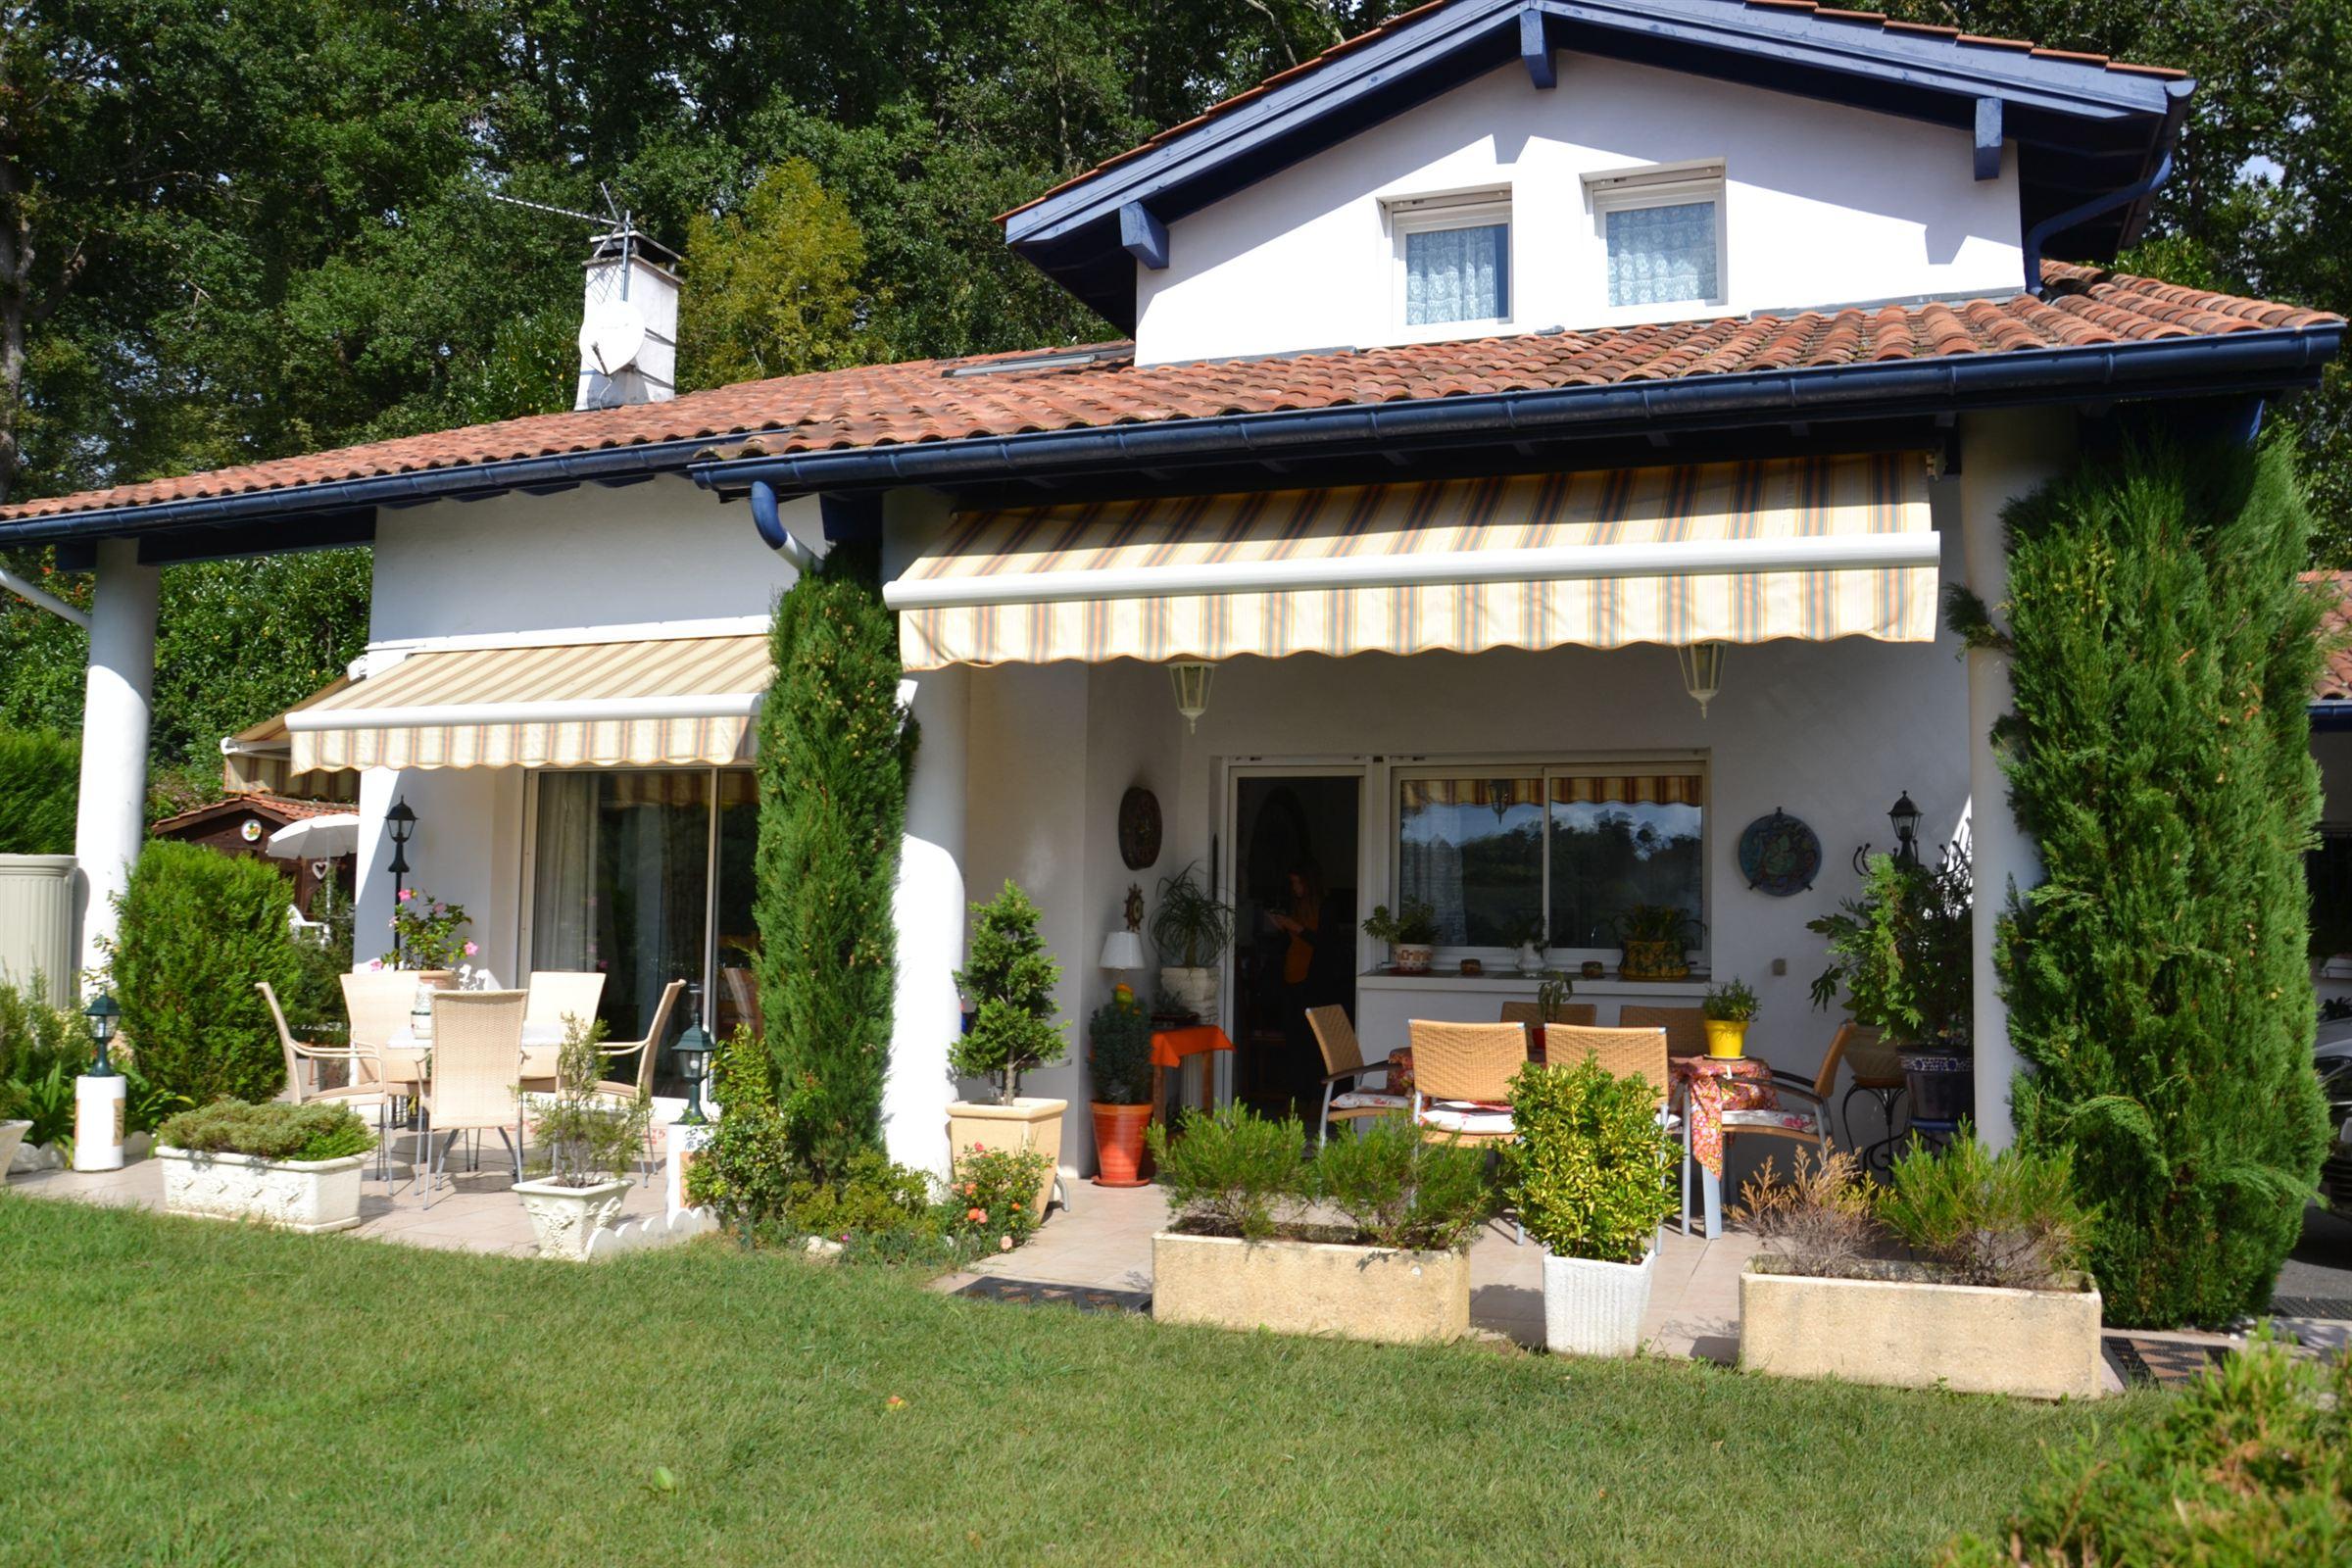 단독 가정 주택 용 매매 에 BIARRITZ QUARTIER MOURISCOT Biarritz, 아키텐주, 64200 프랑스